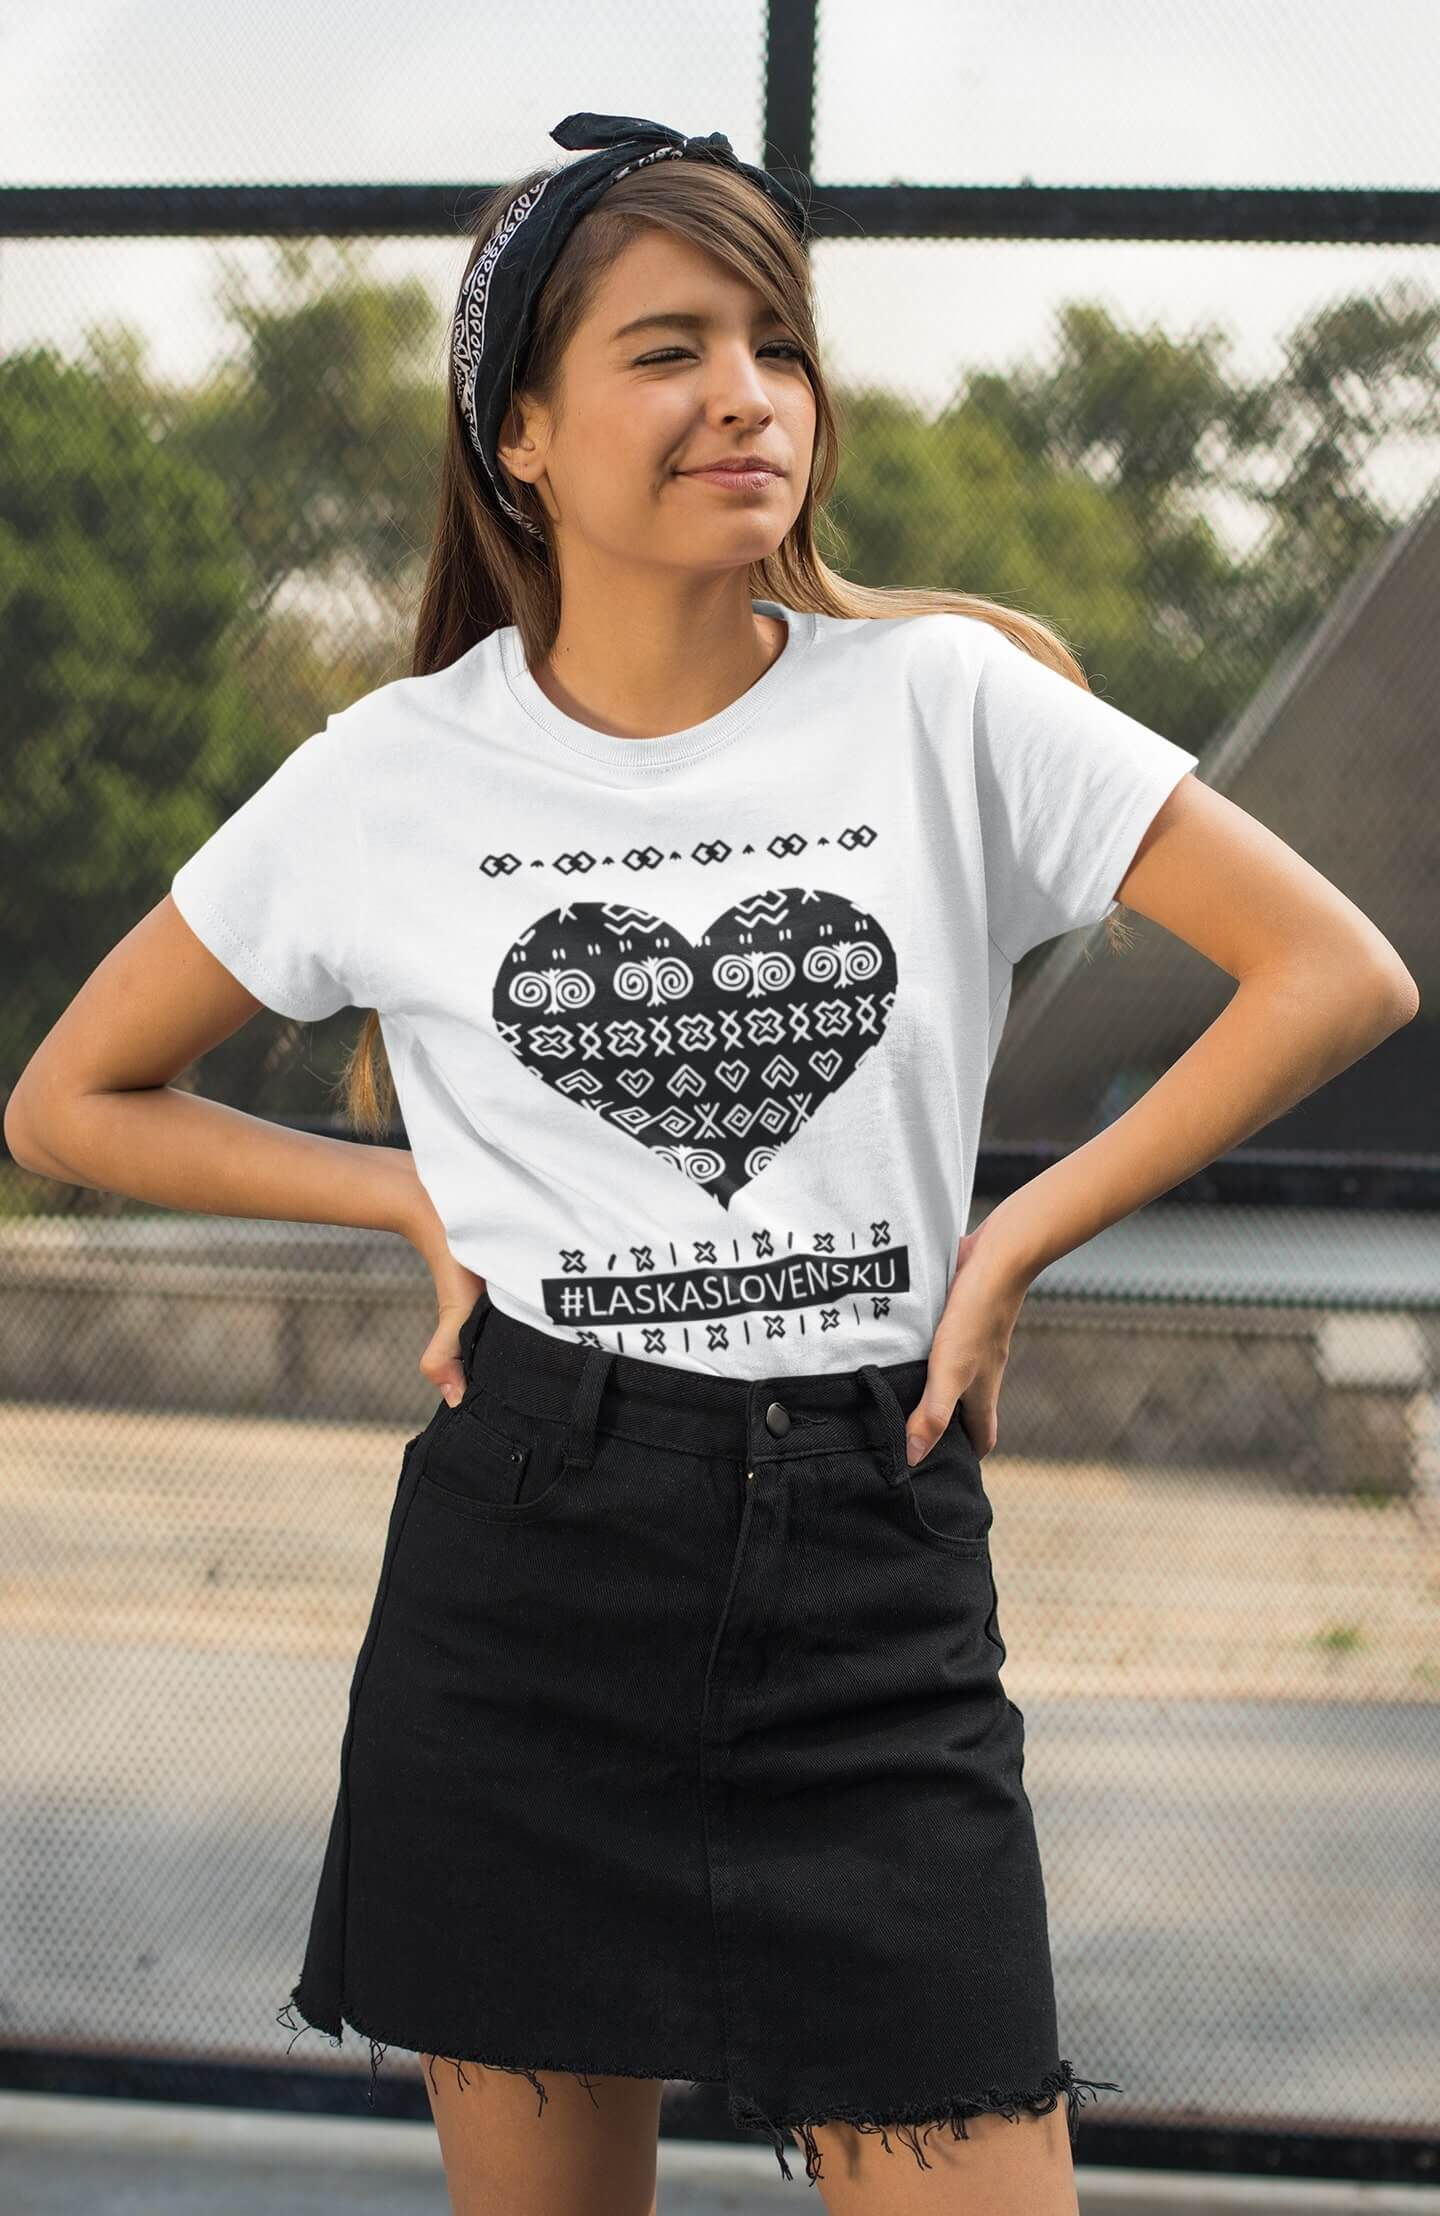 MMO Dámske tričko Láska Slovensku Vyberte farbu: Biela, Vyberte veľkosť: XS